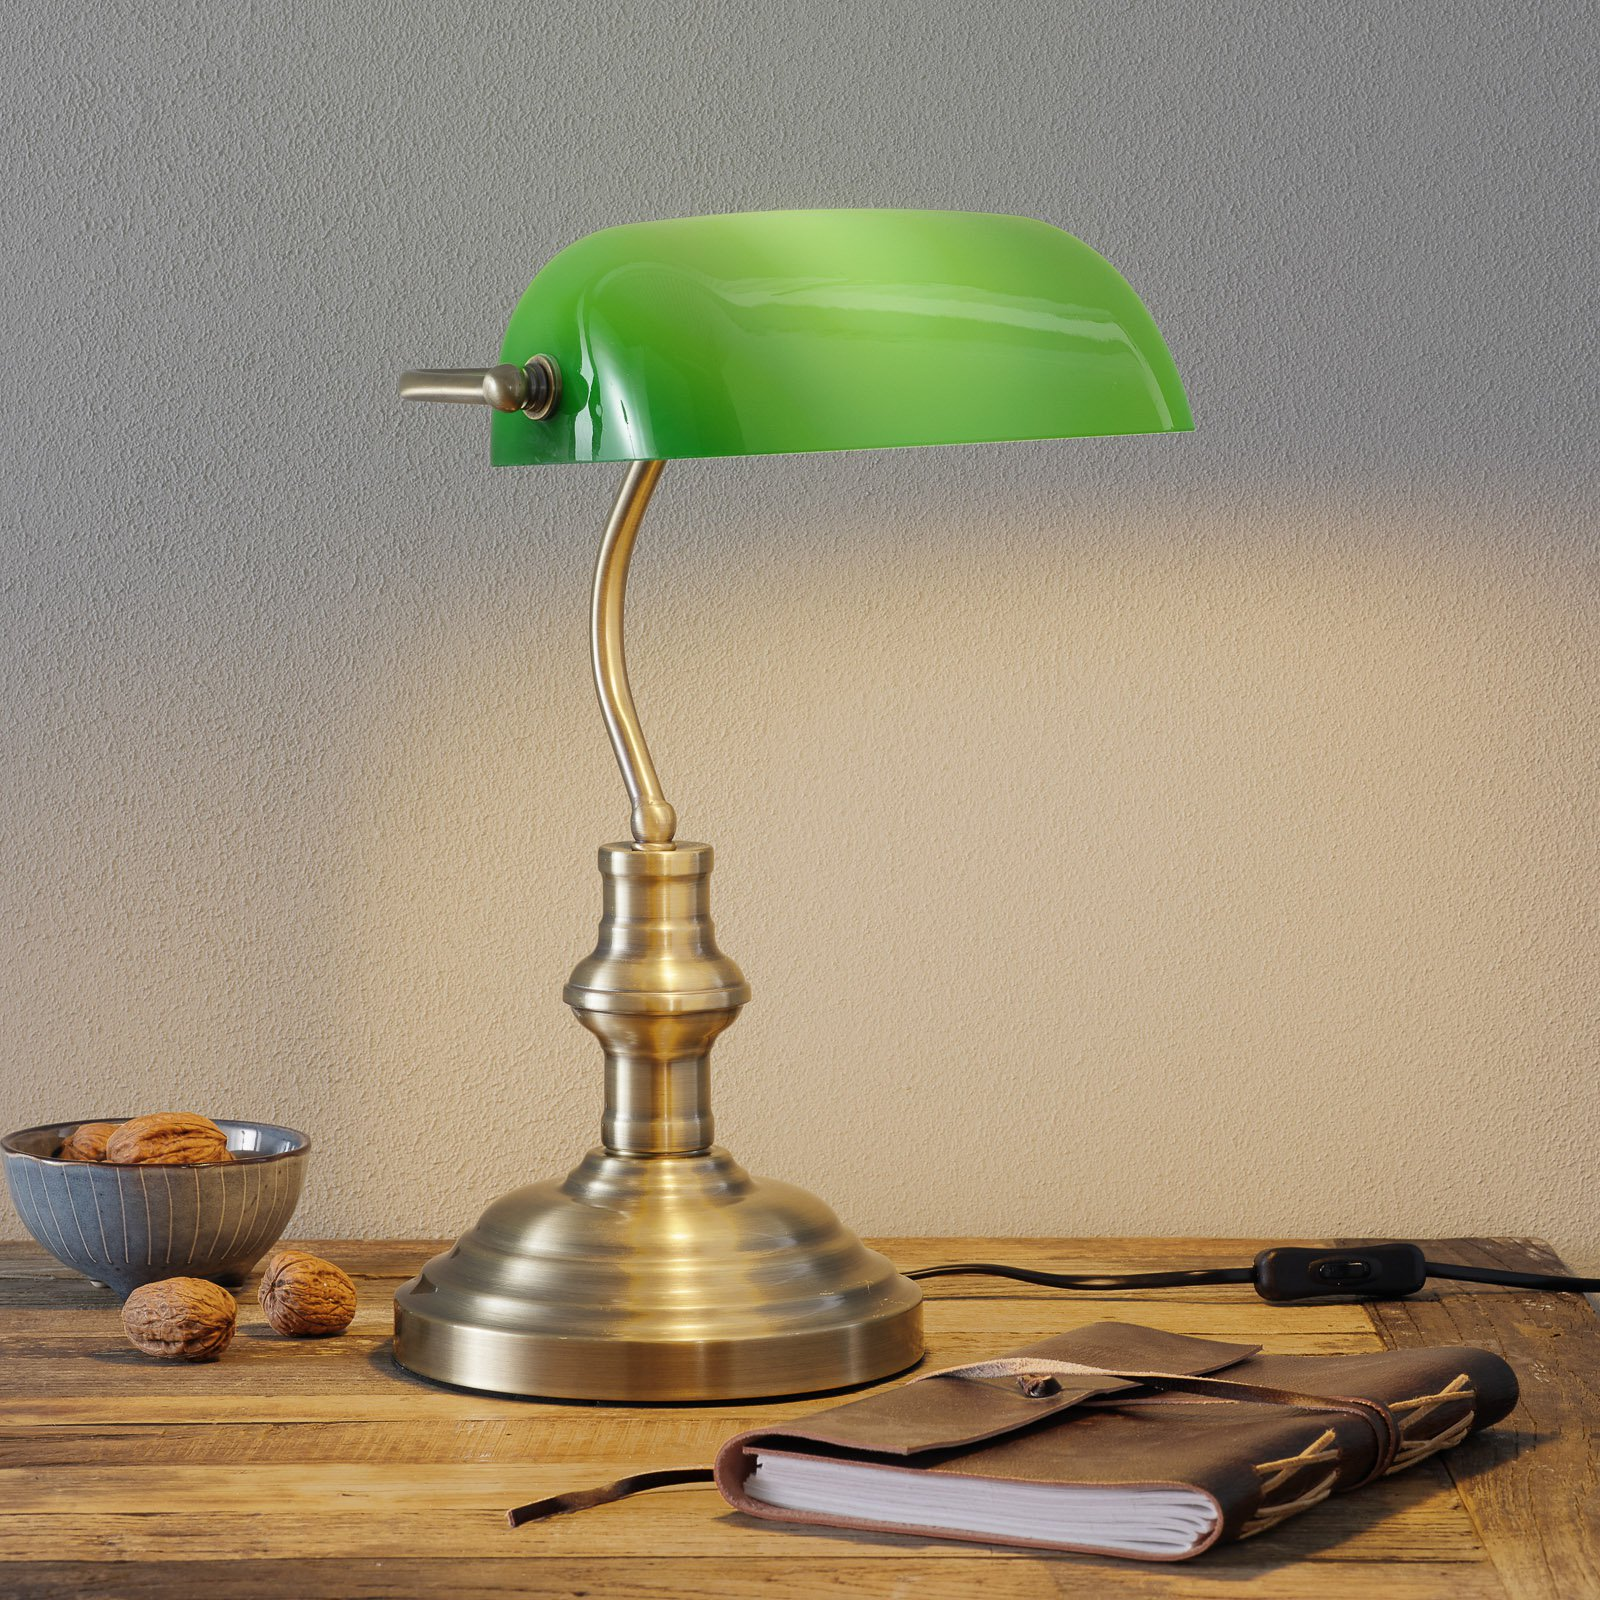 Bankers klassisk bordlampe 42 cm grønn